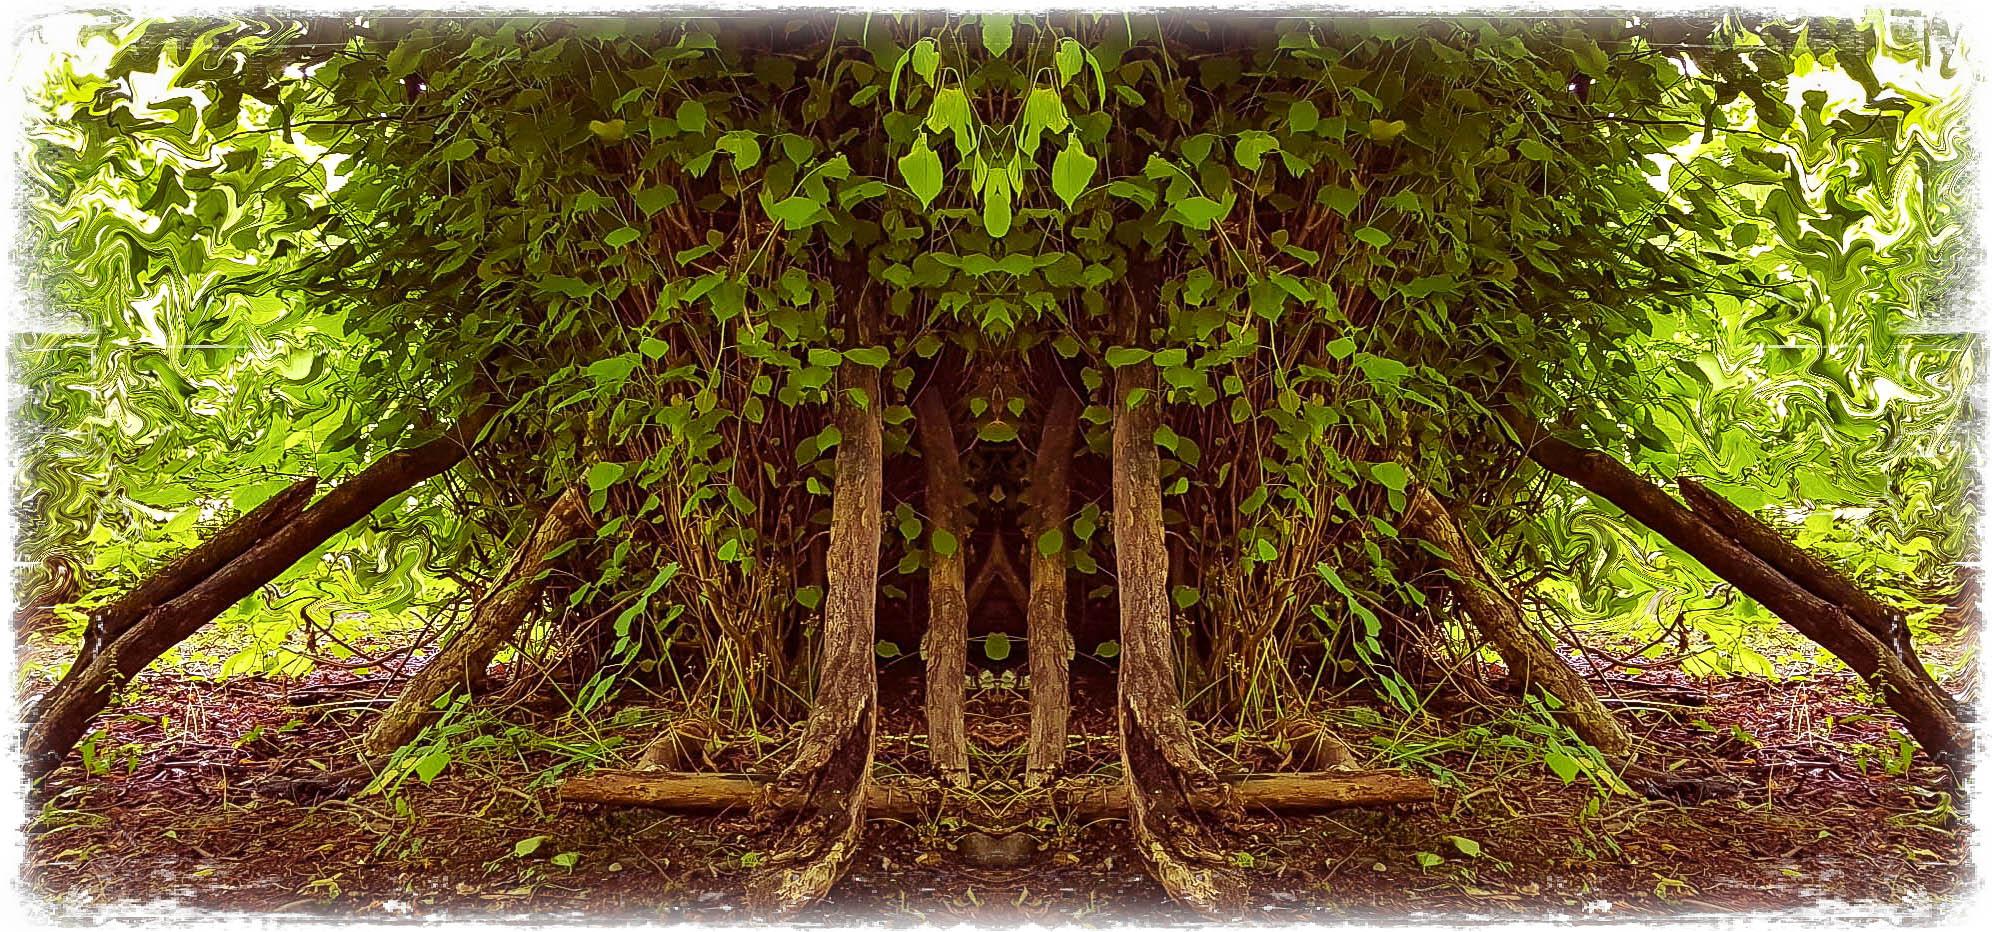 FOREST GODS (GobophotographyMiff Morris edit)